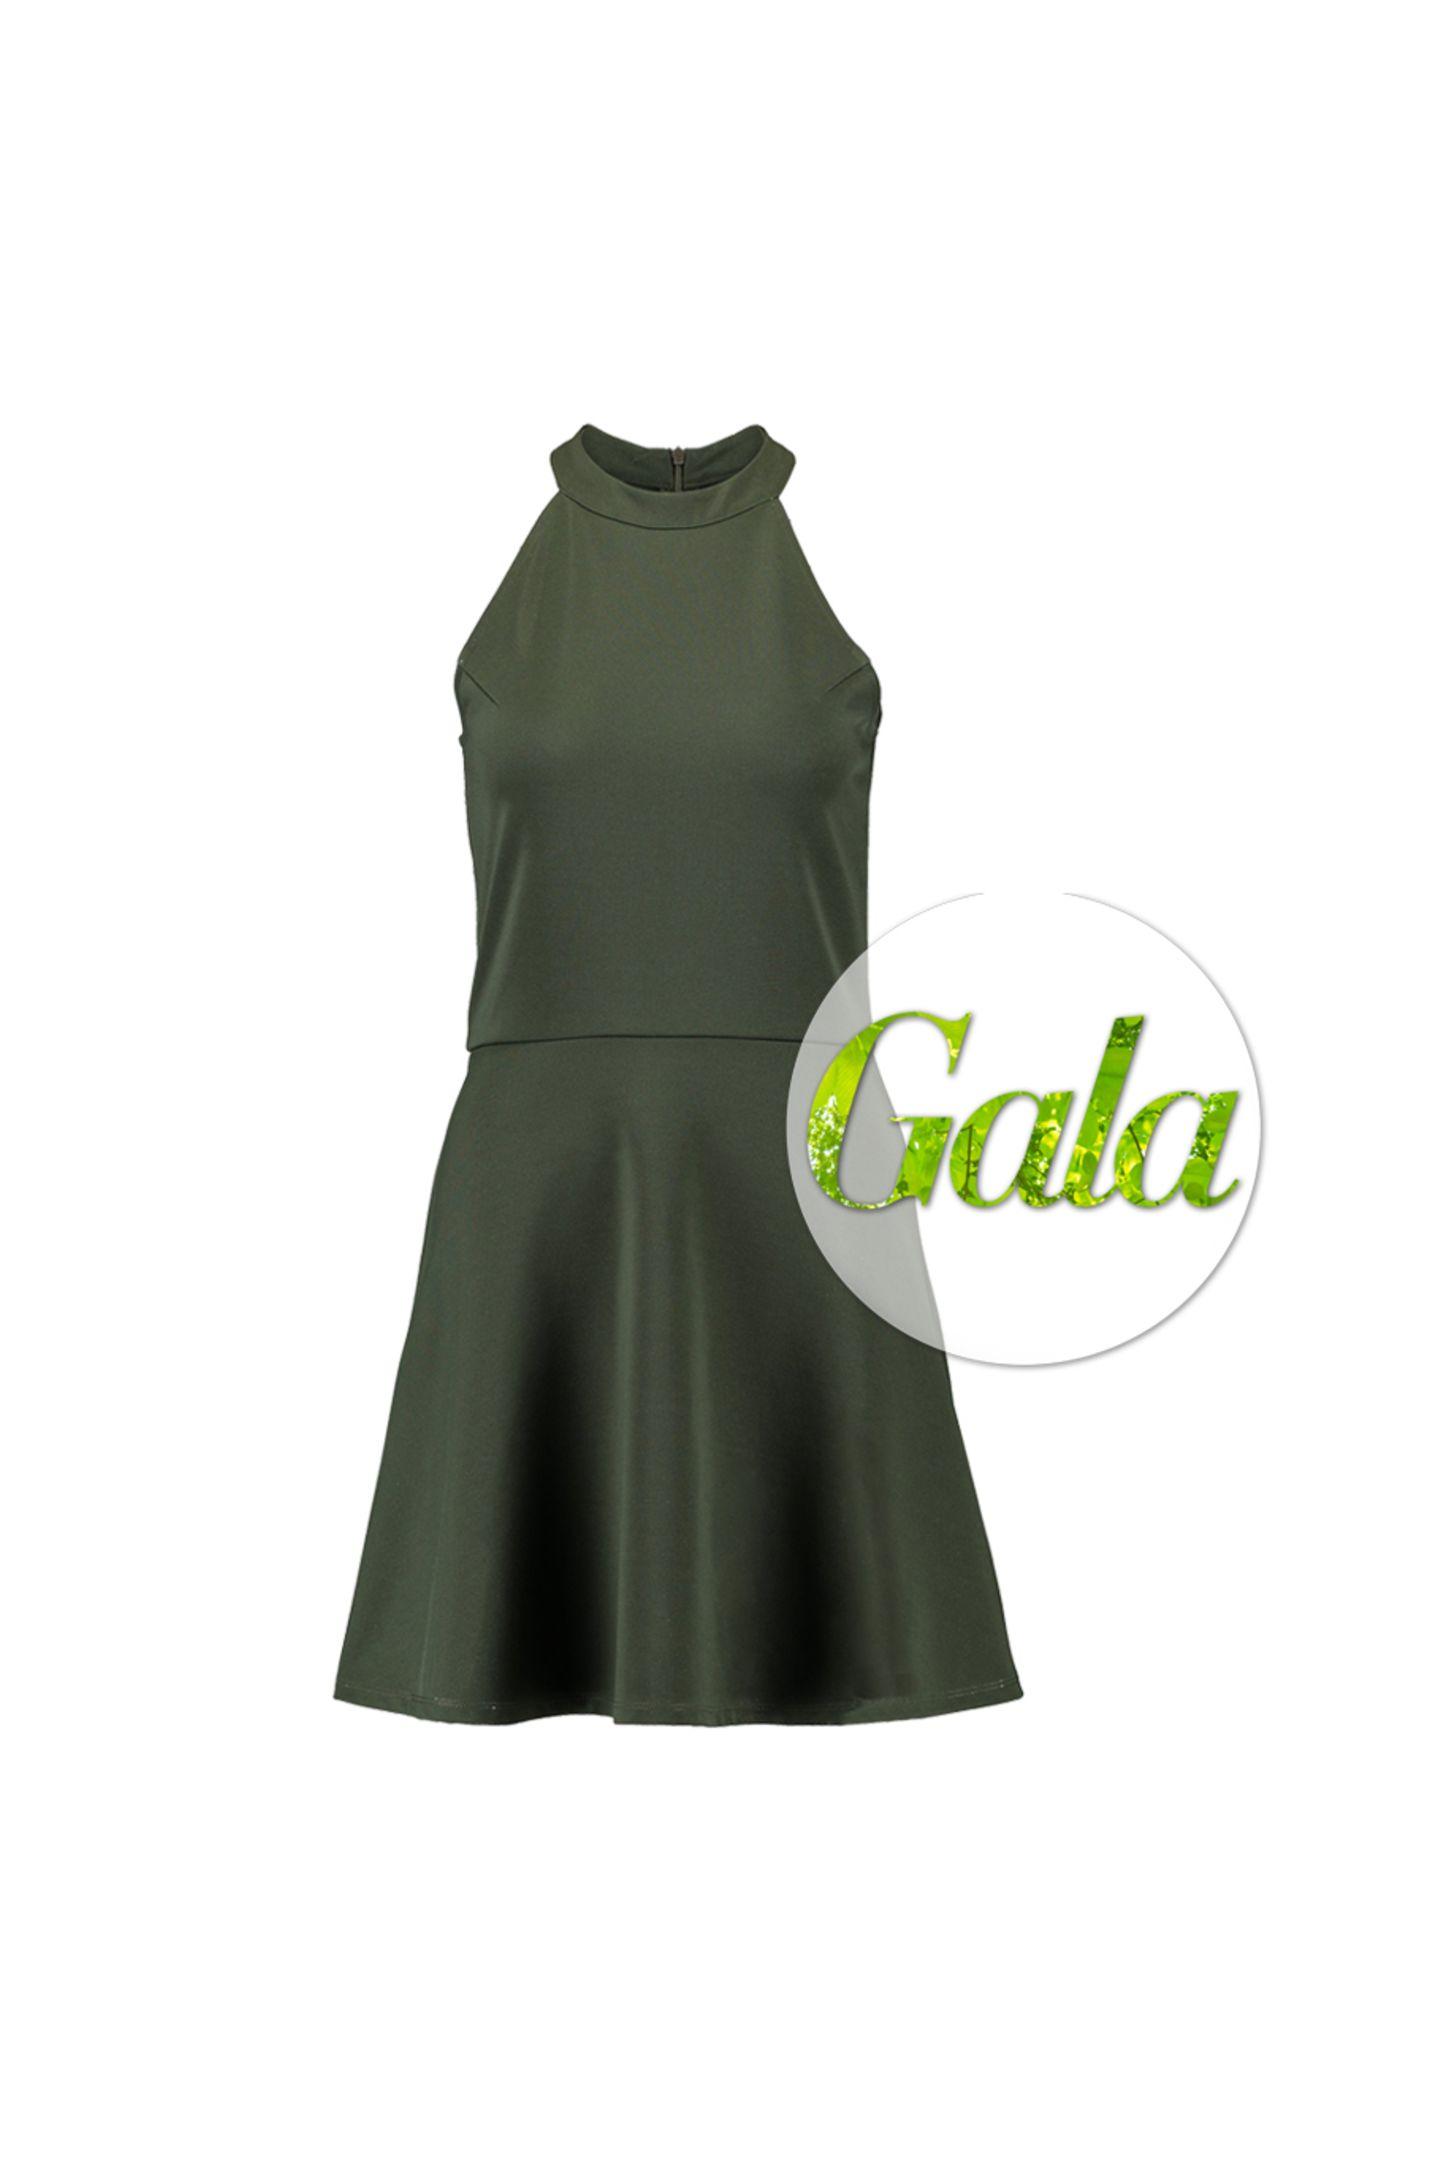 """Fitness-Influencerin Pamela Reif setzt sich bereits seit einigen Jahren für das Thema Nachhaltigkeit ein. Zusammen mit NA-KD hat sie jetzteine Kollektion ausbiologischen und recycelten Materialien kreiert: Aus der""""NA-KD Reborn x Pamela Reif""""-Kollektion stammt auch dieses hübsche Kleid mit Neckholder-Ausschnitt und leicht ausgestellten Rock, kostet ca. 56 Euro."""